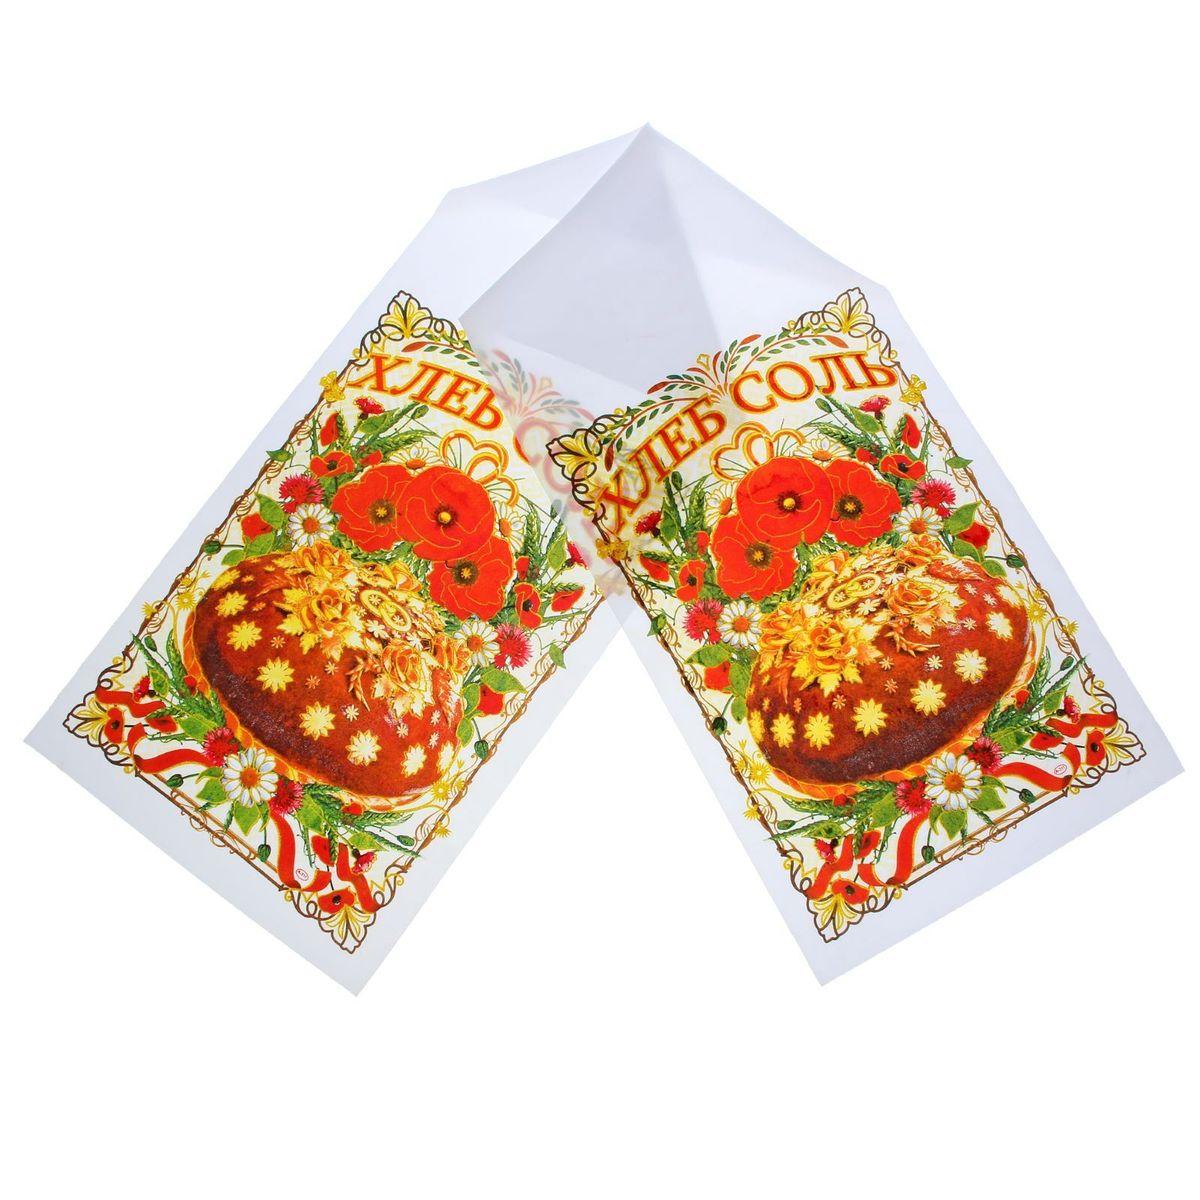 Рушник Sima-land Хлеб-соль, цвет: мульти, 150 х 36 см. 11347631134763Рушник  Хлеб-соль, 150 х 36 см предназначен для встречи родителями молодожёнов хлебом и солью и символизирует нерушимую связь двух любящих сердец.Этот традиционный сувенир оберегает от порчи и сглаза, приносит в дом мир и покой.Рушник изготовлен из ткани и украшен ярким орнаментом.Символические узоры, используемые для вышивания таких аксессуаров, означают:крест является символом света, солнца, счастья и добра;корона - божье благословение;пара голубей, павлинов, лебедей означает верную любовь и семейное счастье;ласточка - хорошие вести и крепкое хозяйство;дерево жизни - важный символ, обозначающий бесконечность и процветание рода, взаимосвязь поколений, традиции семьи;веночки вышивают незамкнутыми, так как они означают жизненный путь;роза - красота, любовь, процветание; если с бутонами, то пожелание иметь детей;лилия - невинность, женская красота и чистота, обычно изображается с бутонами и листьями, что означает молодую семью, продолжение жизни в детях;мак - сохранение и продолжение рода, защита от зла, благополучие;дуб - мужской символ, обозначающий силу, энергию, жизненную стойкость;калина - дерево бесконечности рода, выносливости и надежды, символ женской верности, здоровья и красоты;виноград - символ плодовитости, трудолюбия, достатка, радости создания семьи.